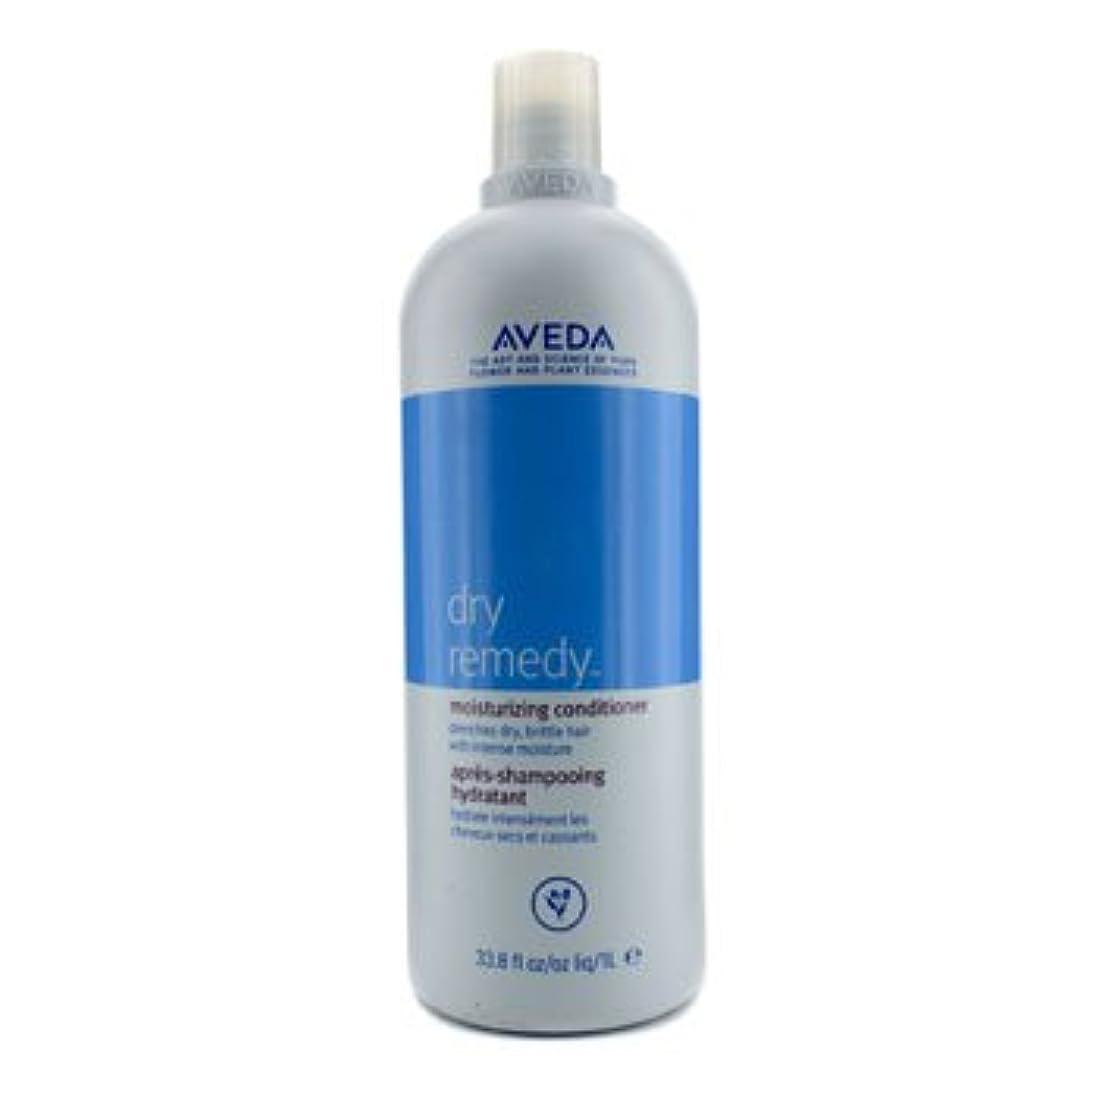 急降下むしろ考え[Aveda] Dry Remedy Moisturizing Conditioner - For Drenches Dry Brittle Hair (New Packaging) 1000ml/33.8oz